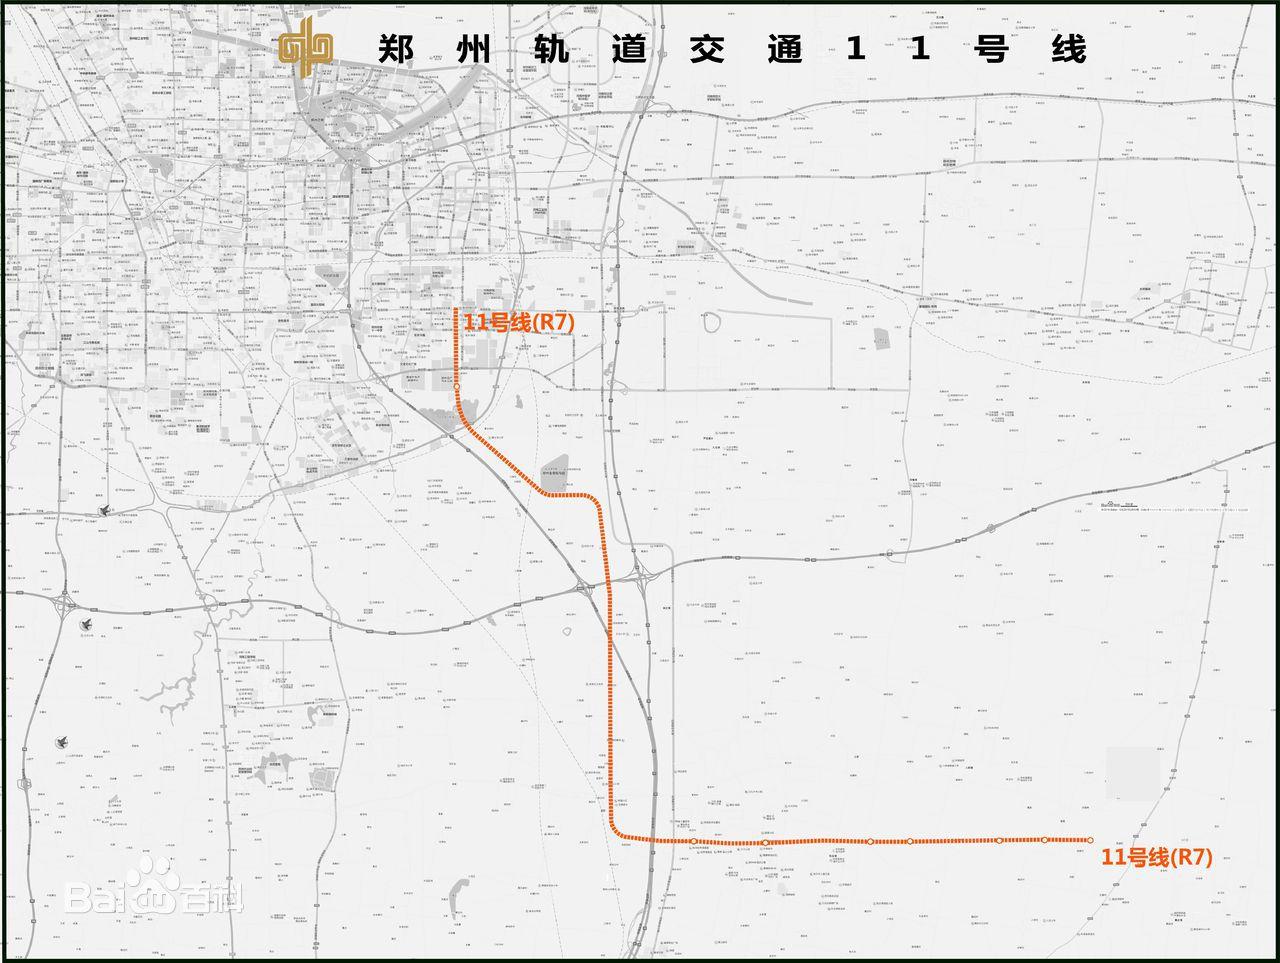 郑州地铁11号线规划图